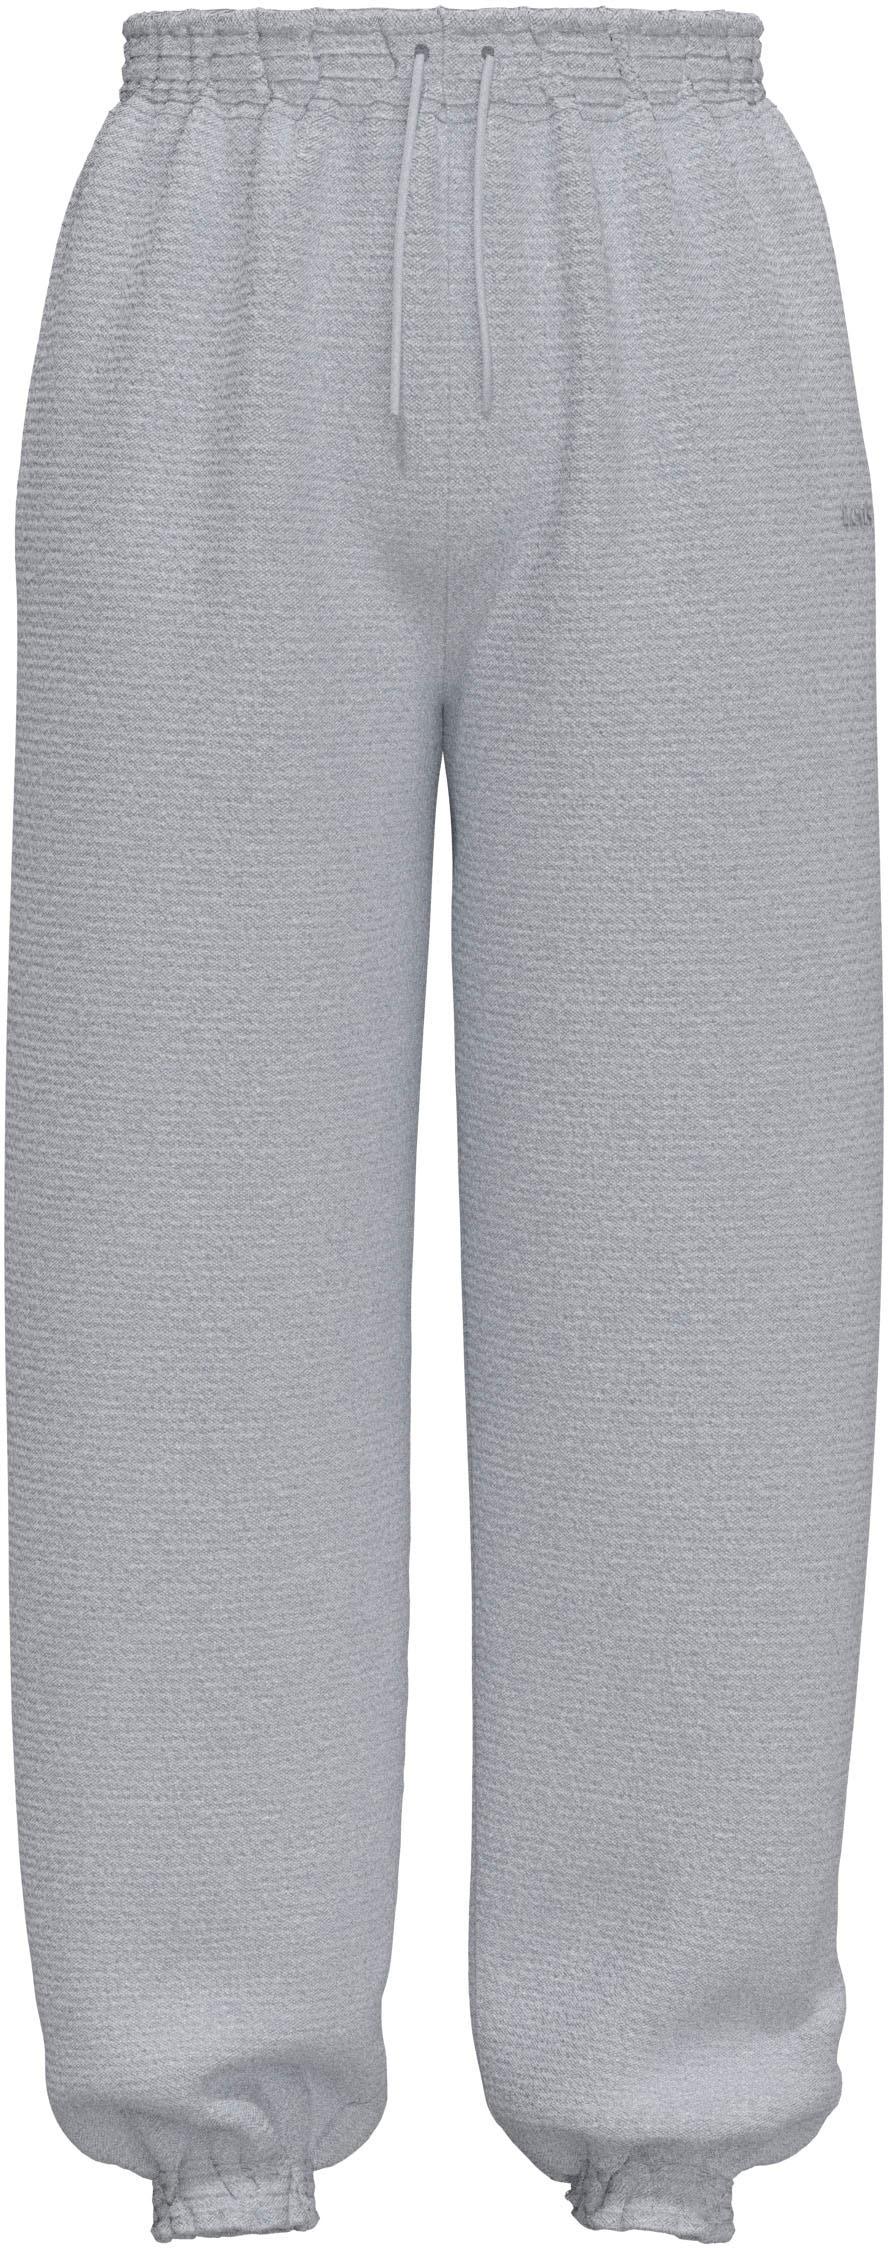 levis - Levi's Sweatpants WFH SWEATPANTS, mit Gummizug